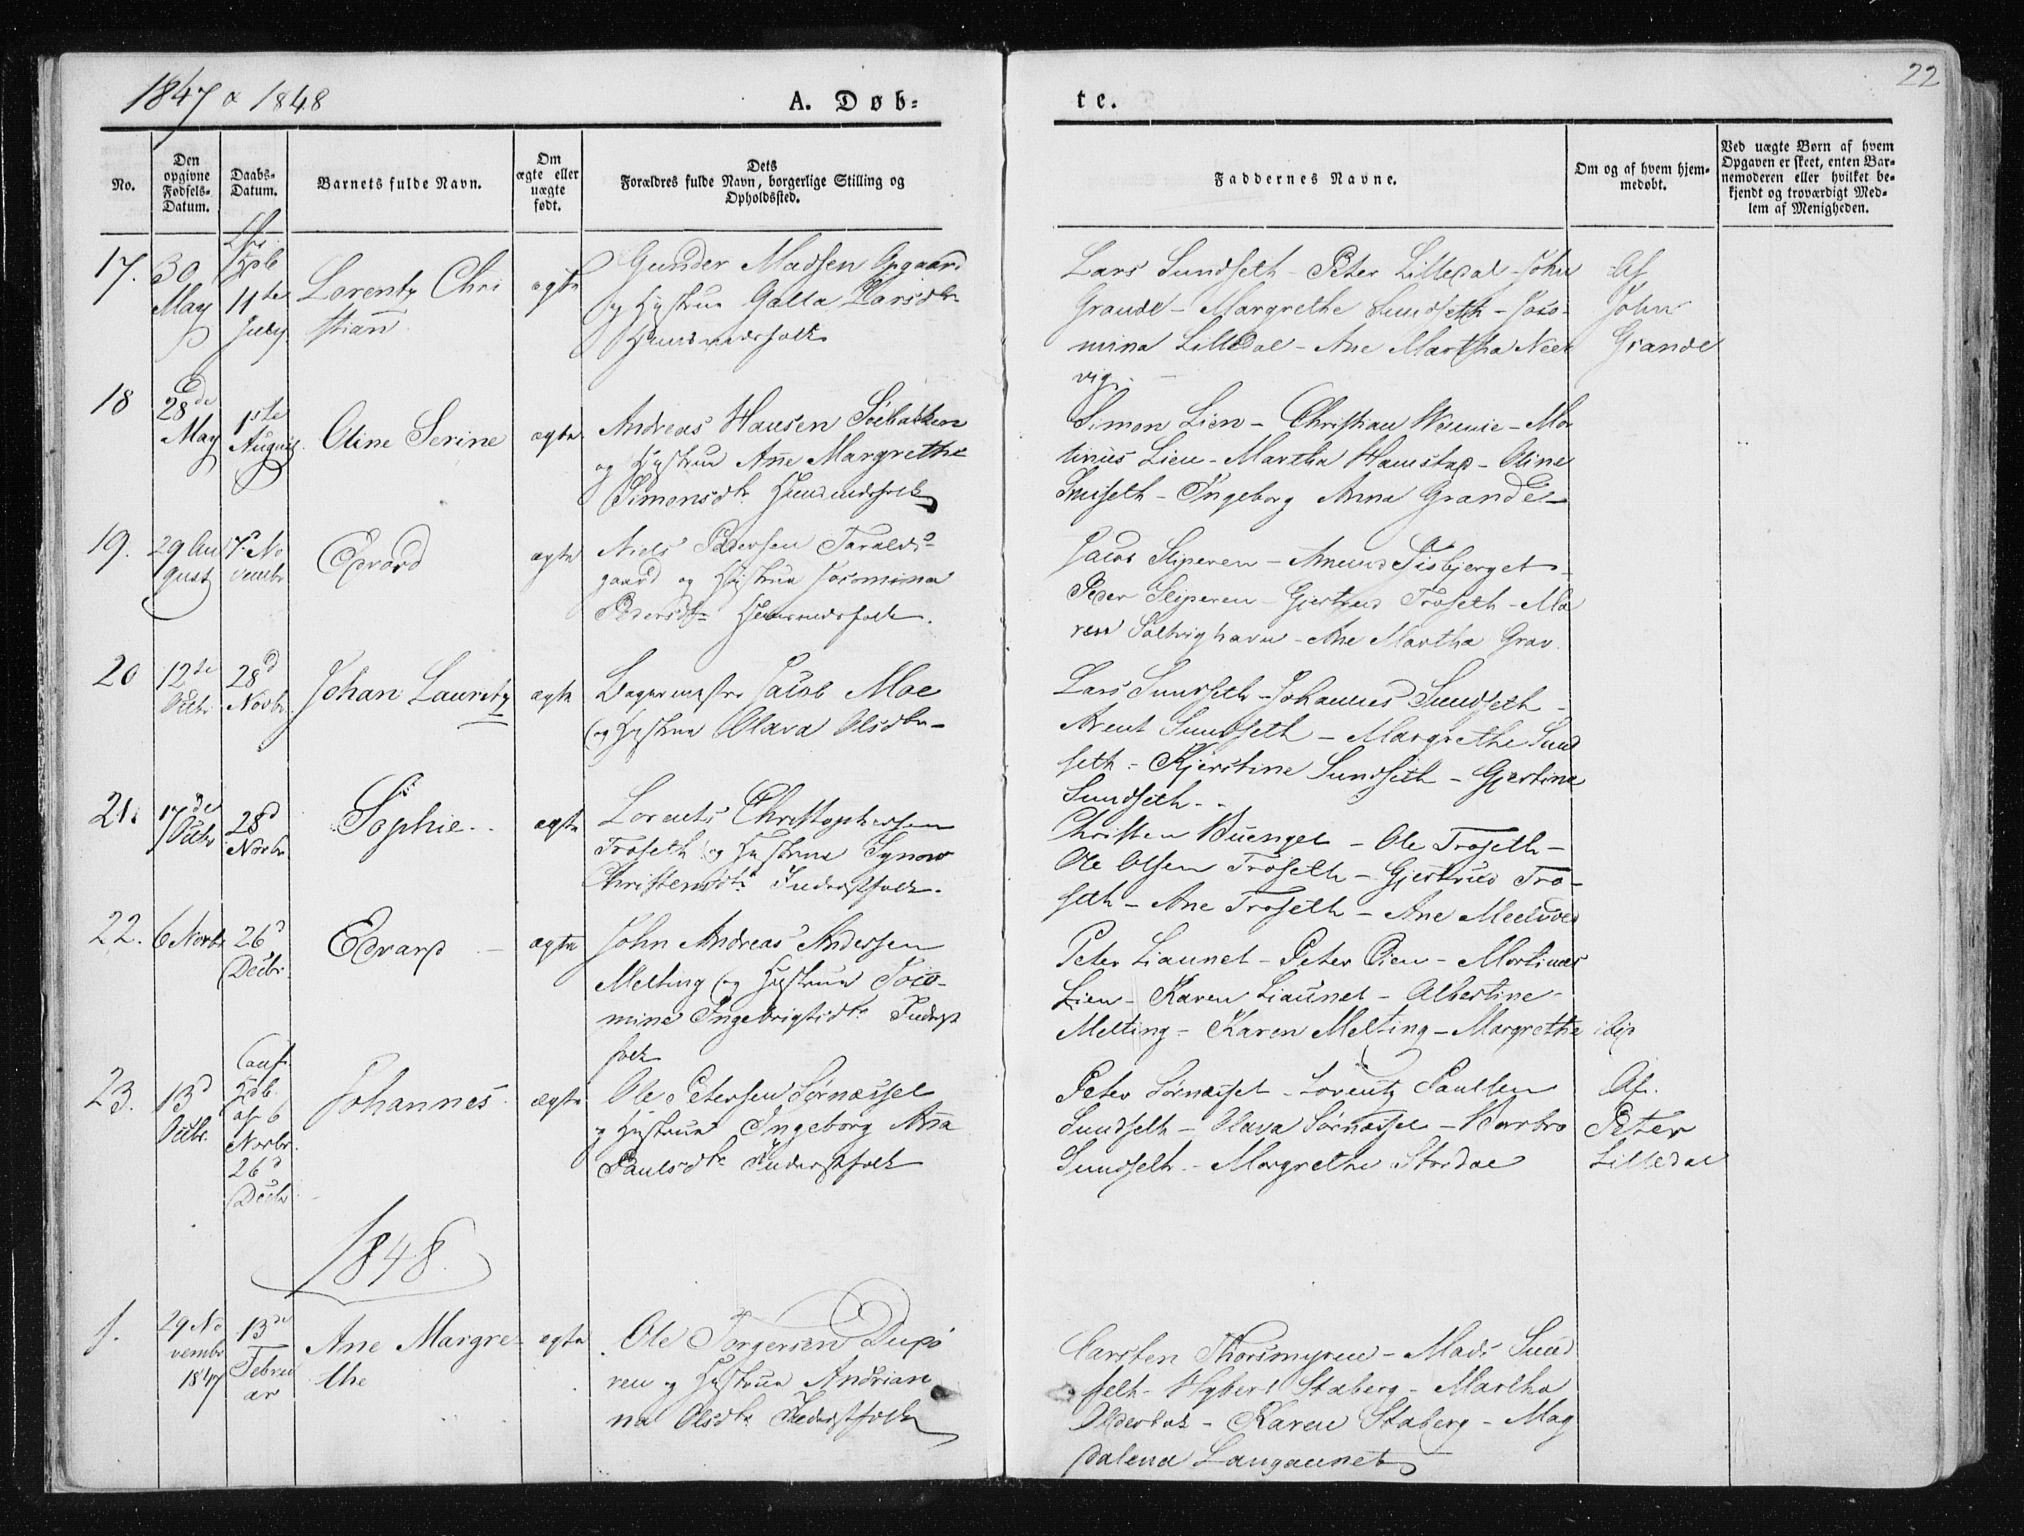 SAT, Ministerialprotokoller, klokkerbøker og fødselsregistre - Nord-Trøndelag, 733/L0323: Ministerialbok nr. 733A02, 1843-1870, s. 22